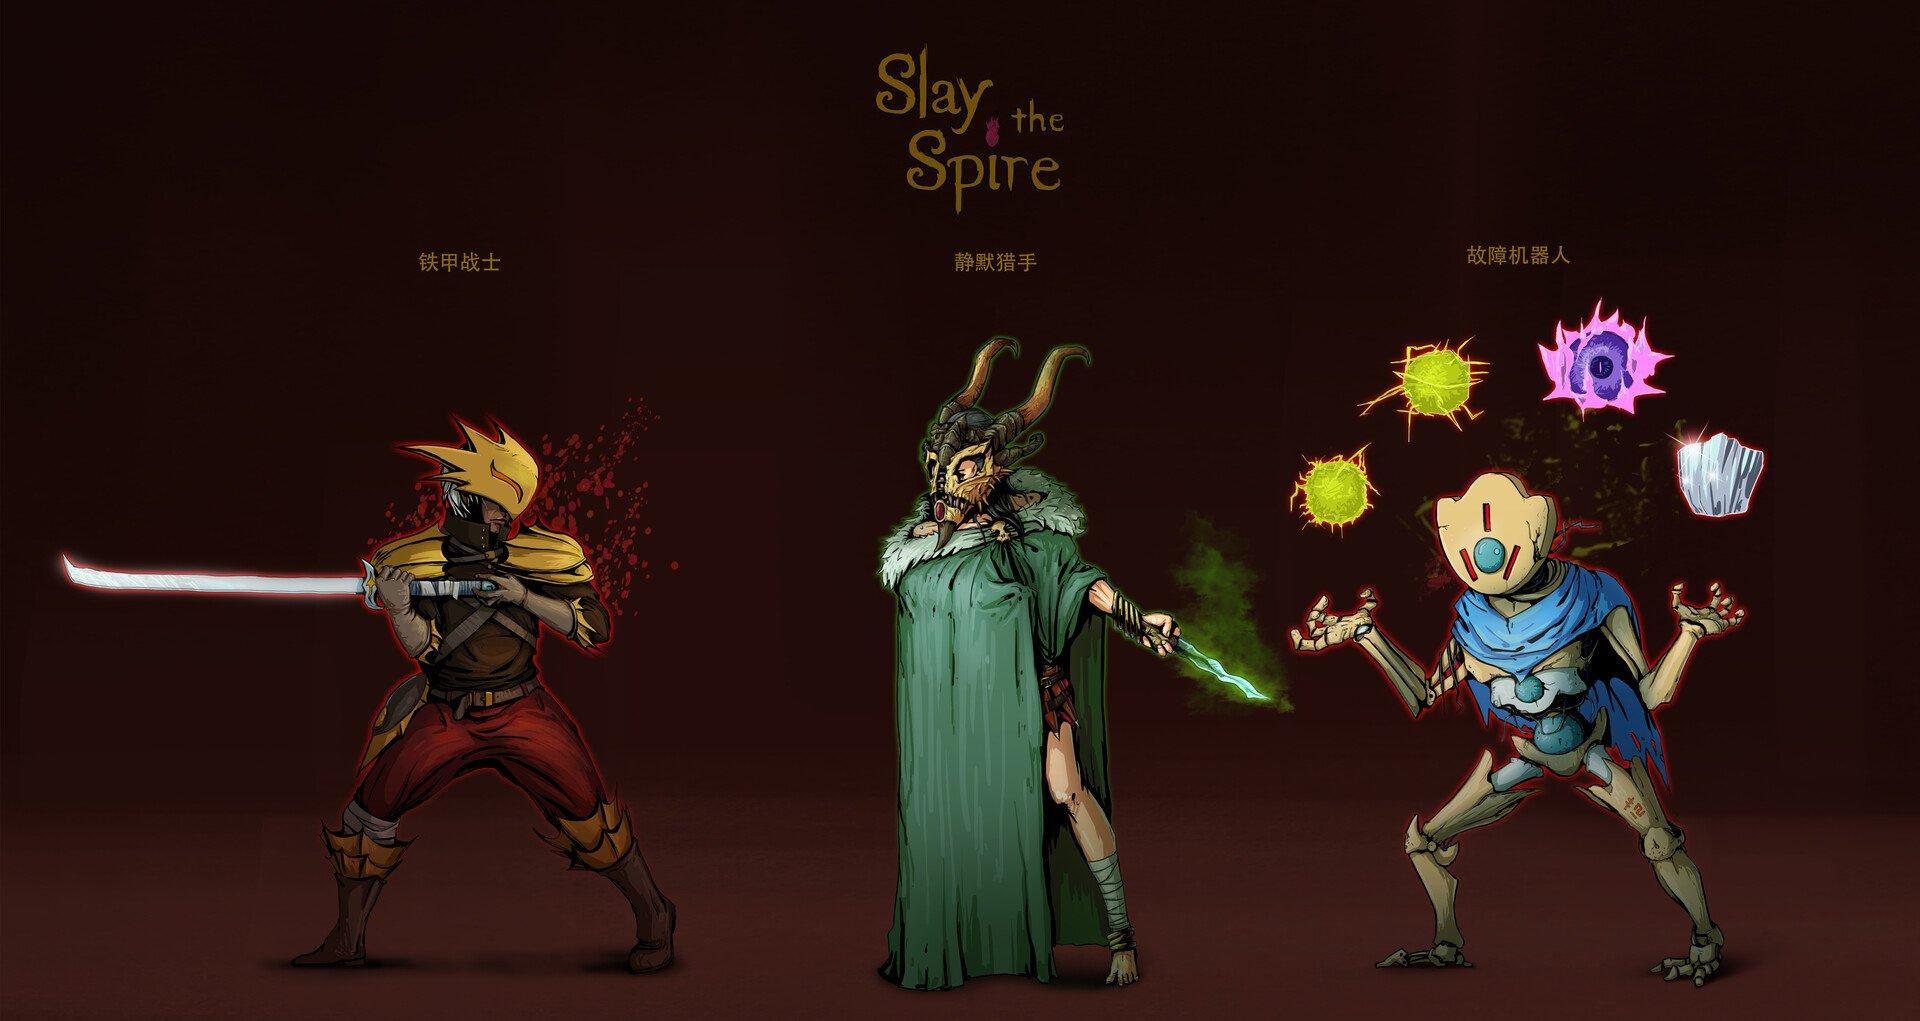 Slay the Spire Personajes